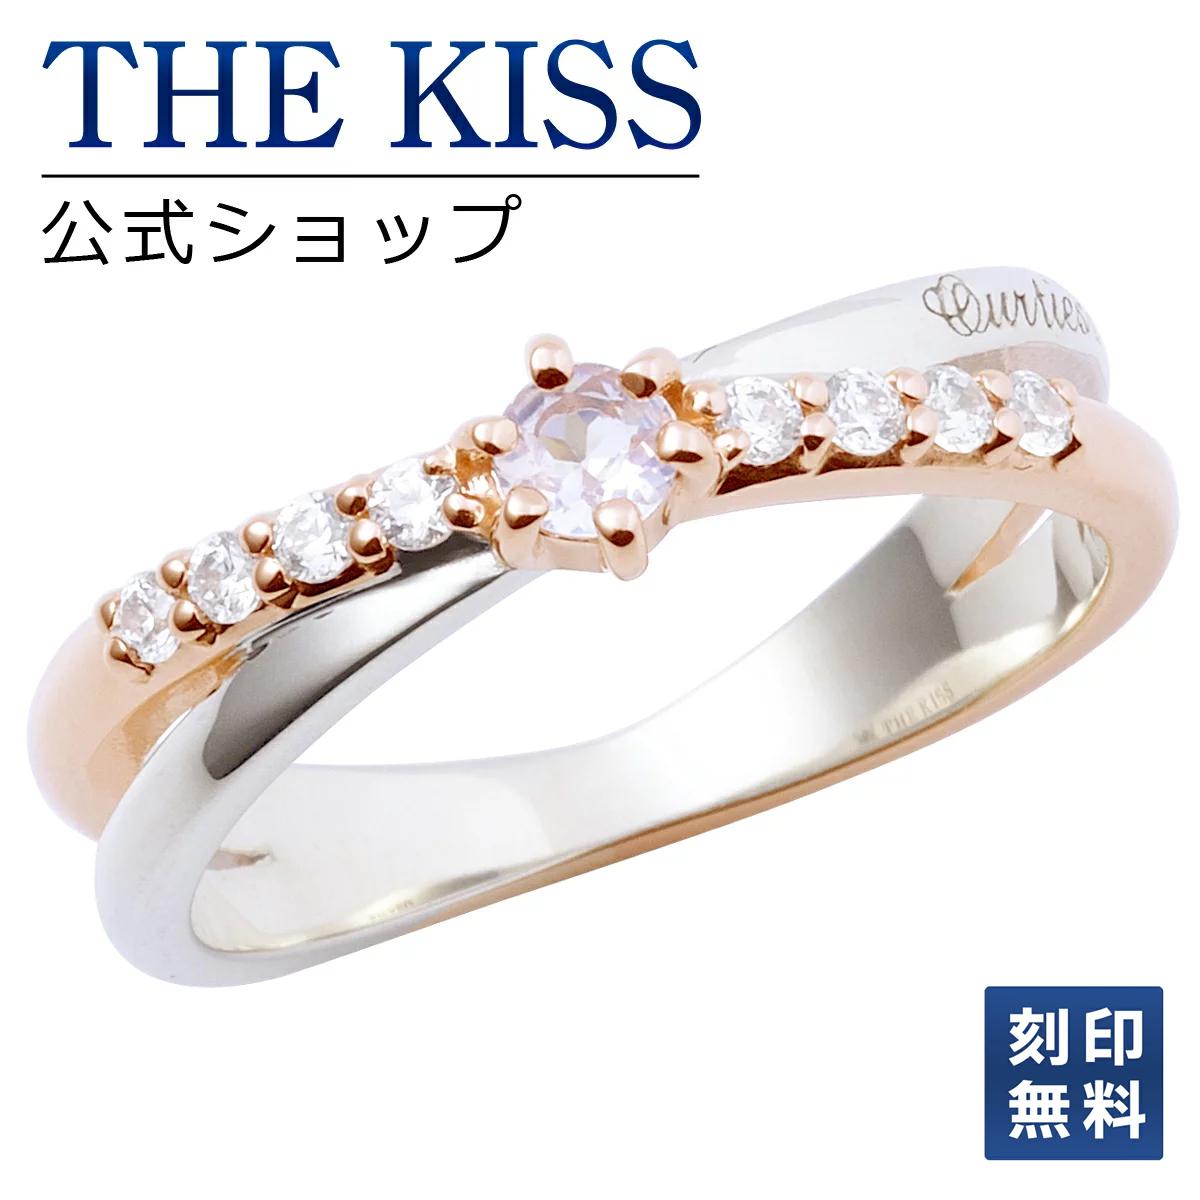 【あす楽対応】THE KISS 公式サイト シルバー ペアリング ( レディース 単品 ) ペアアクセサリー カップル に 人気 の ジュエリーブランド THEKISS ペア リング・指輪 記念日 プレゼント SR2432DM ザキス 【送料無料】